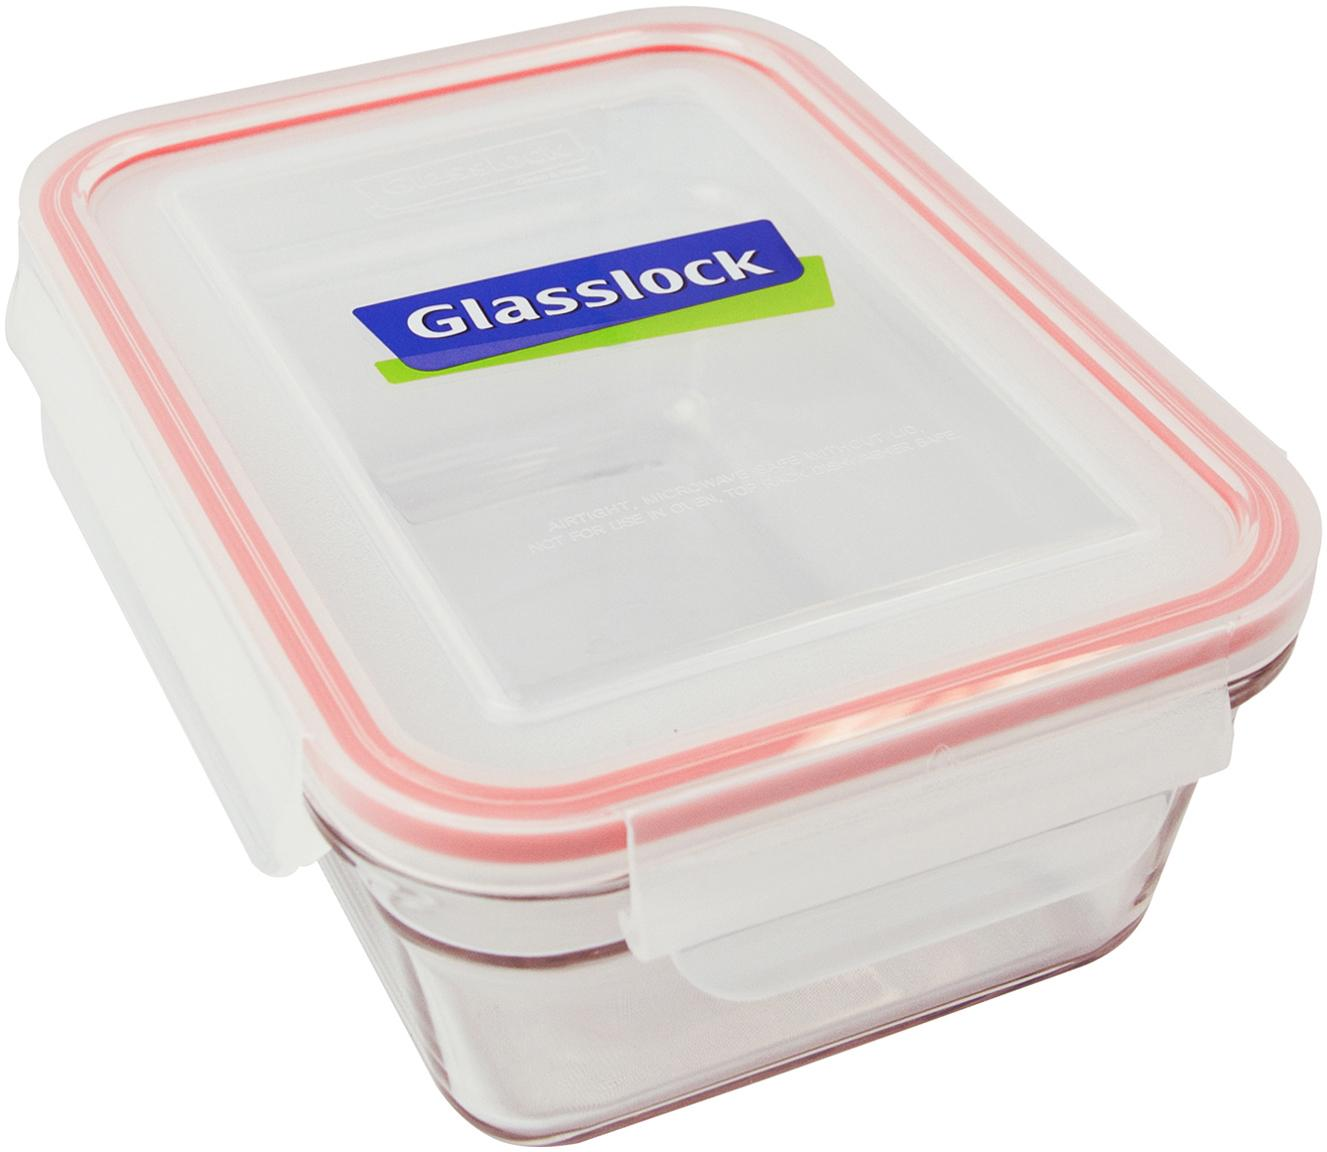 Vershoudbakken Bea, 2 stuks, Houder: gehard glas, vrij van ver, Sluiting: polypropyleen, Seal: siliconen, Transparant, roze, 18 x 7 cm